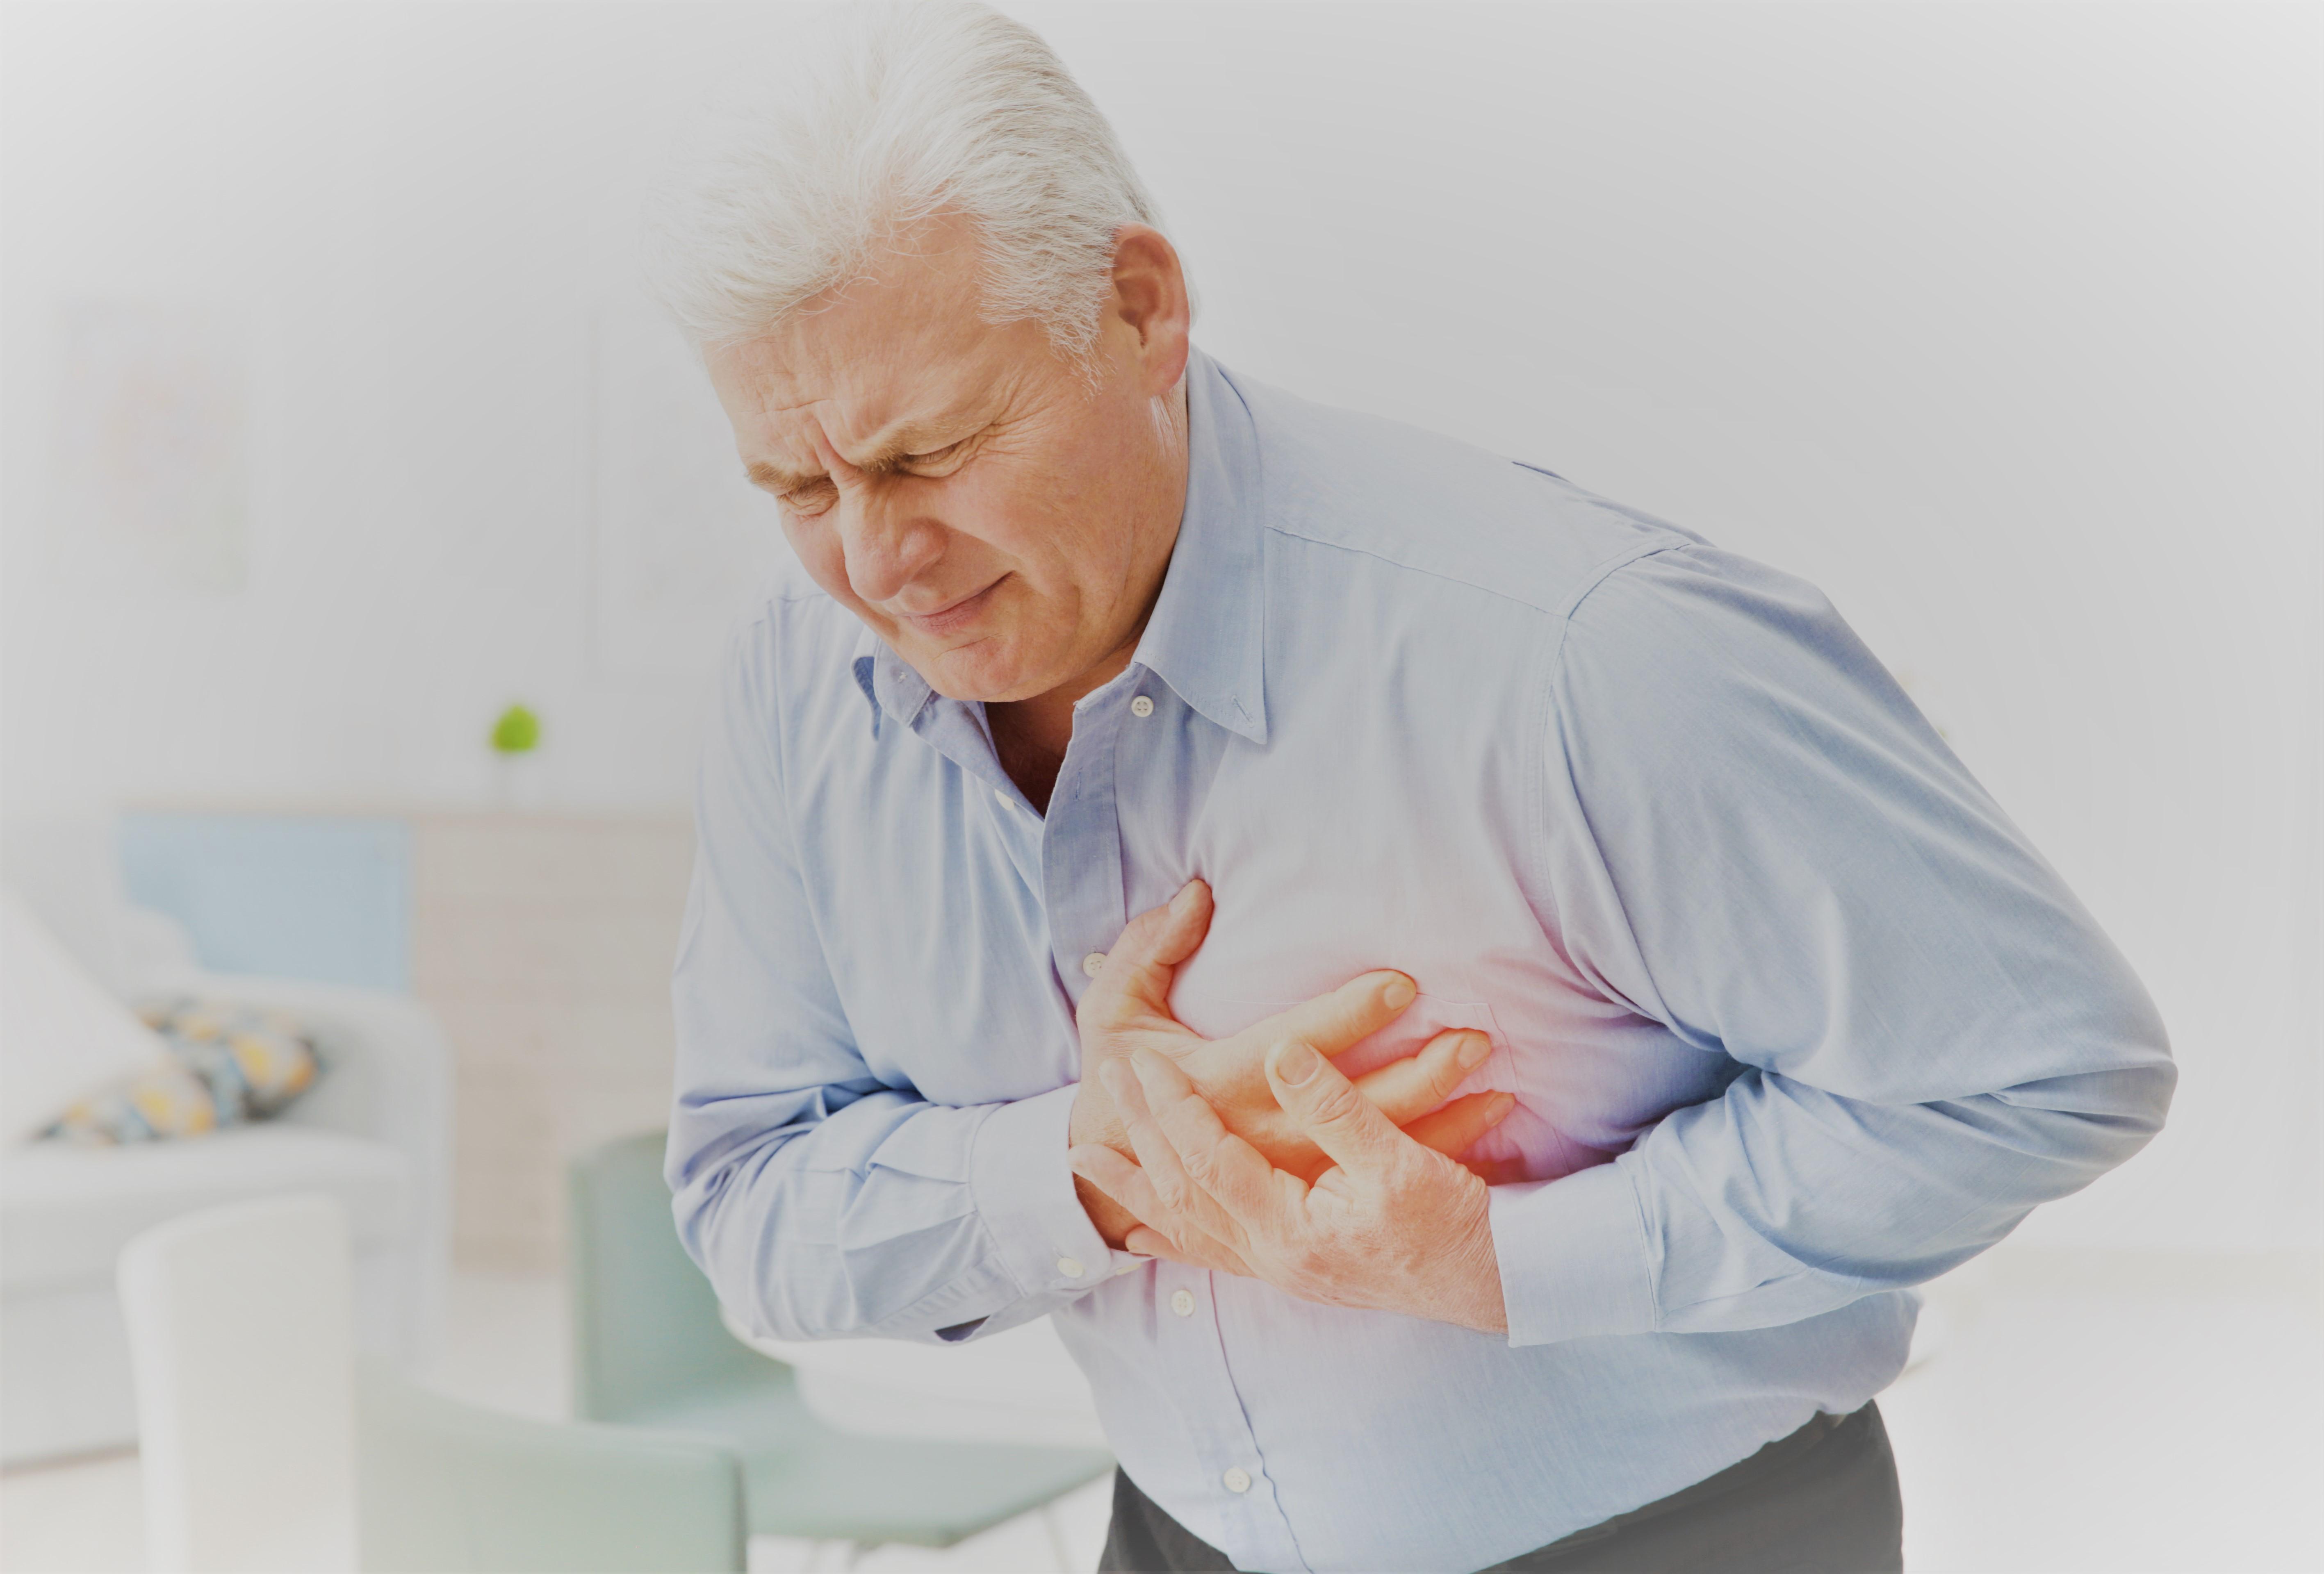 pont ízületi fájdalomra térdízületi fájdalom milyen kenőcs